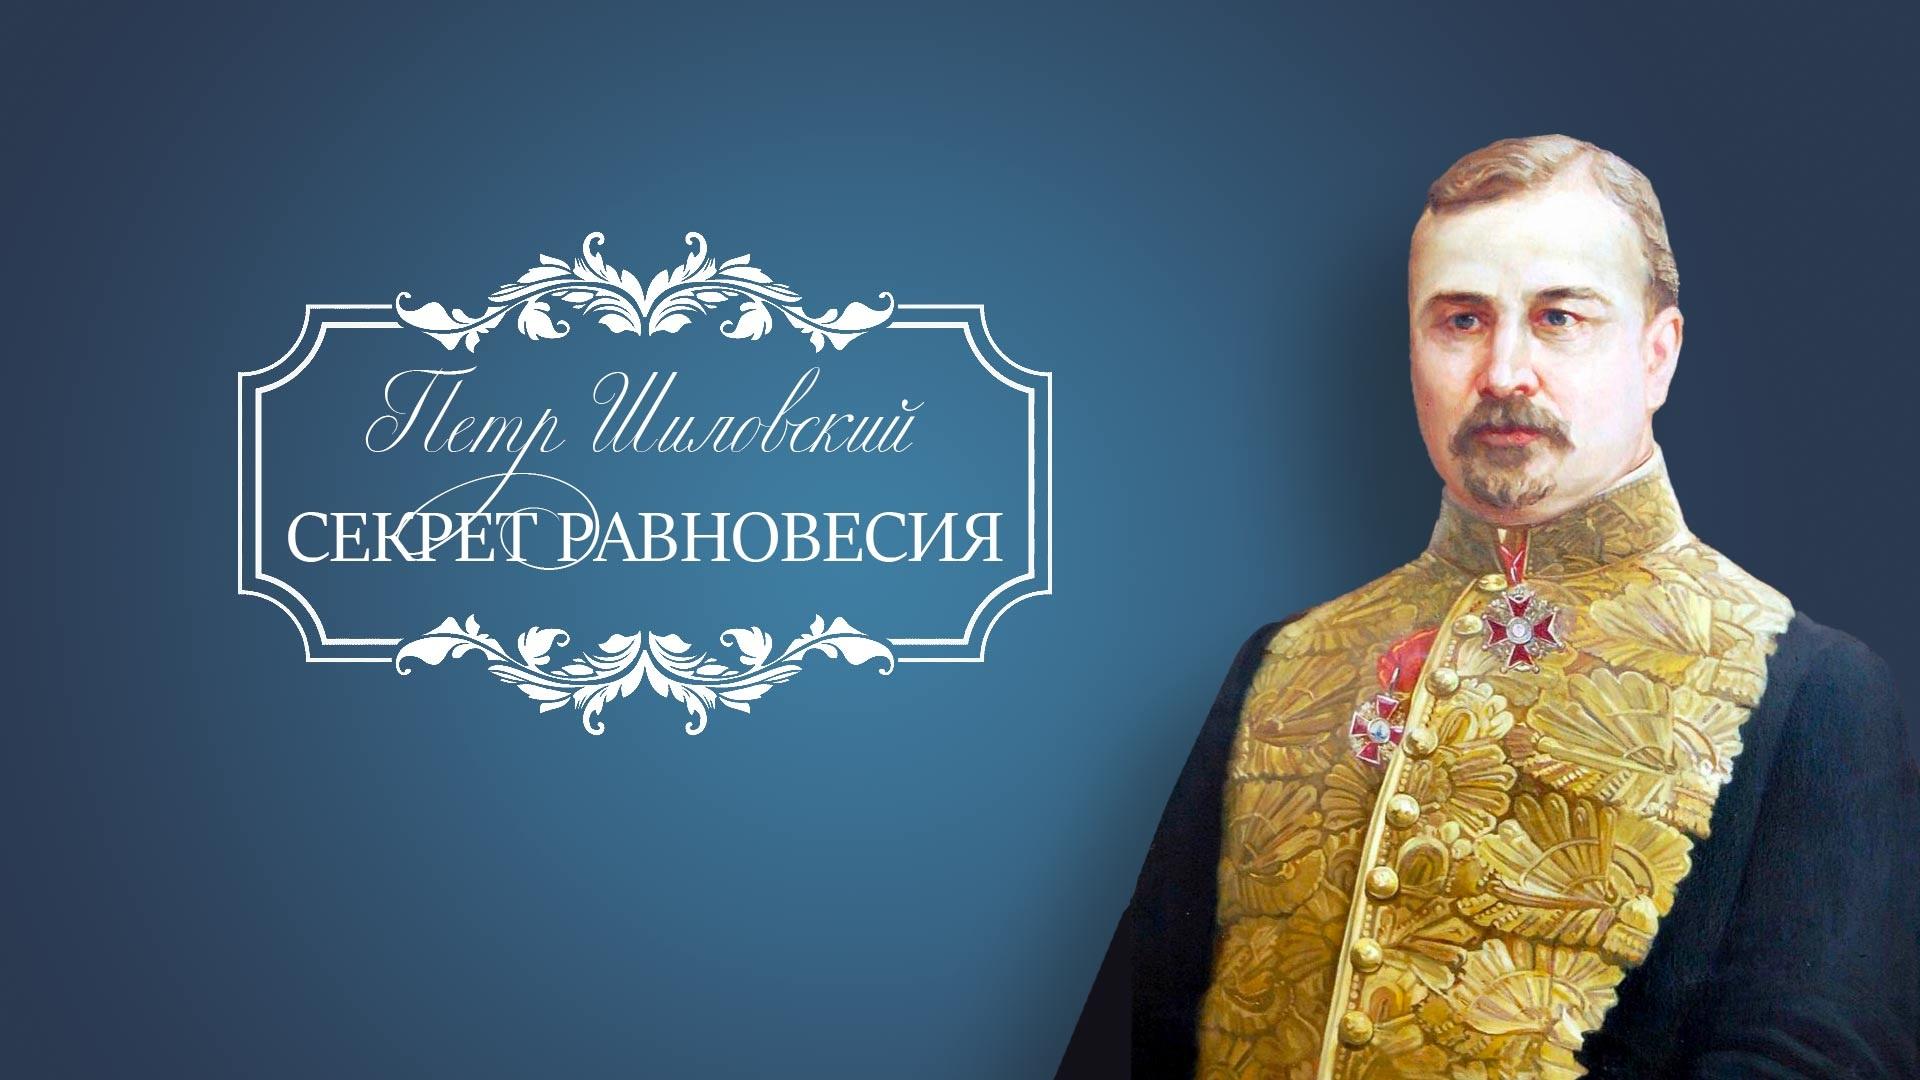 Петр Шиловский. Секрет равновесия